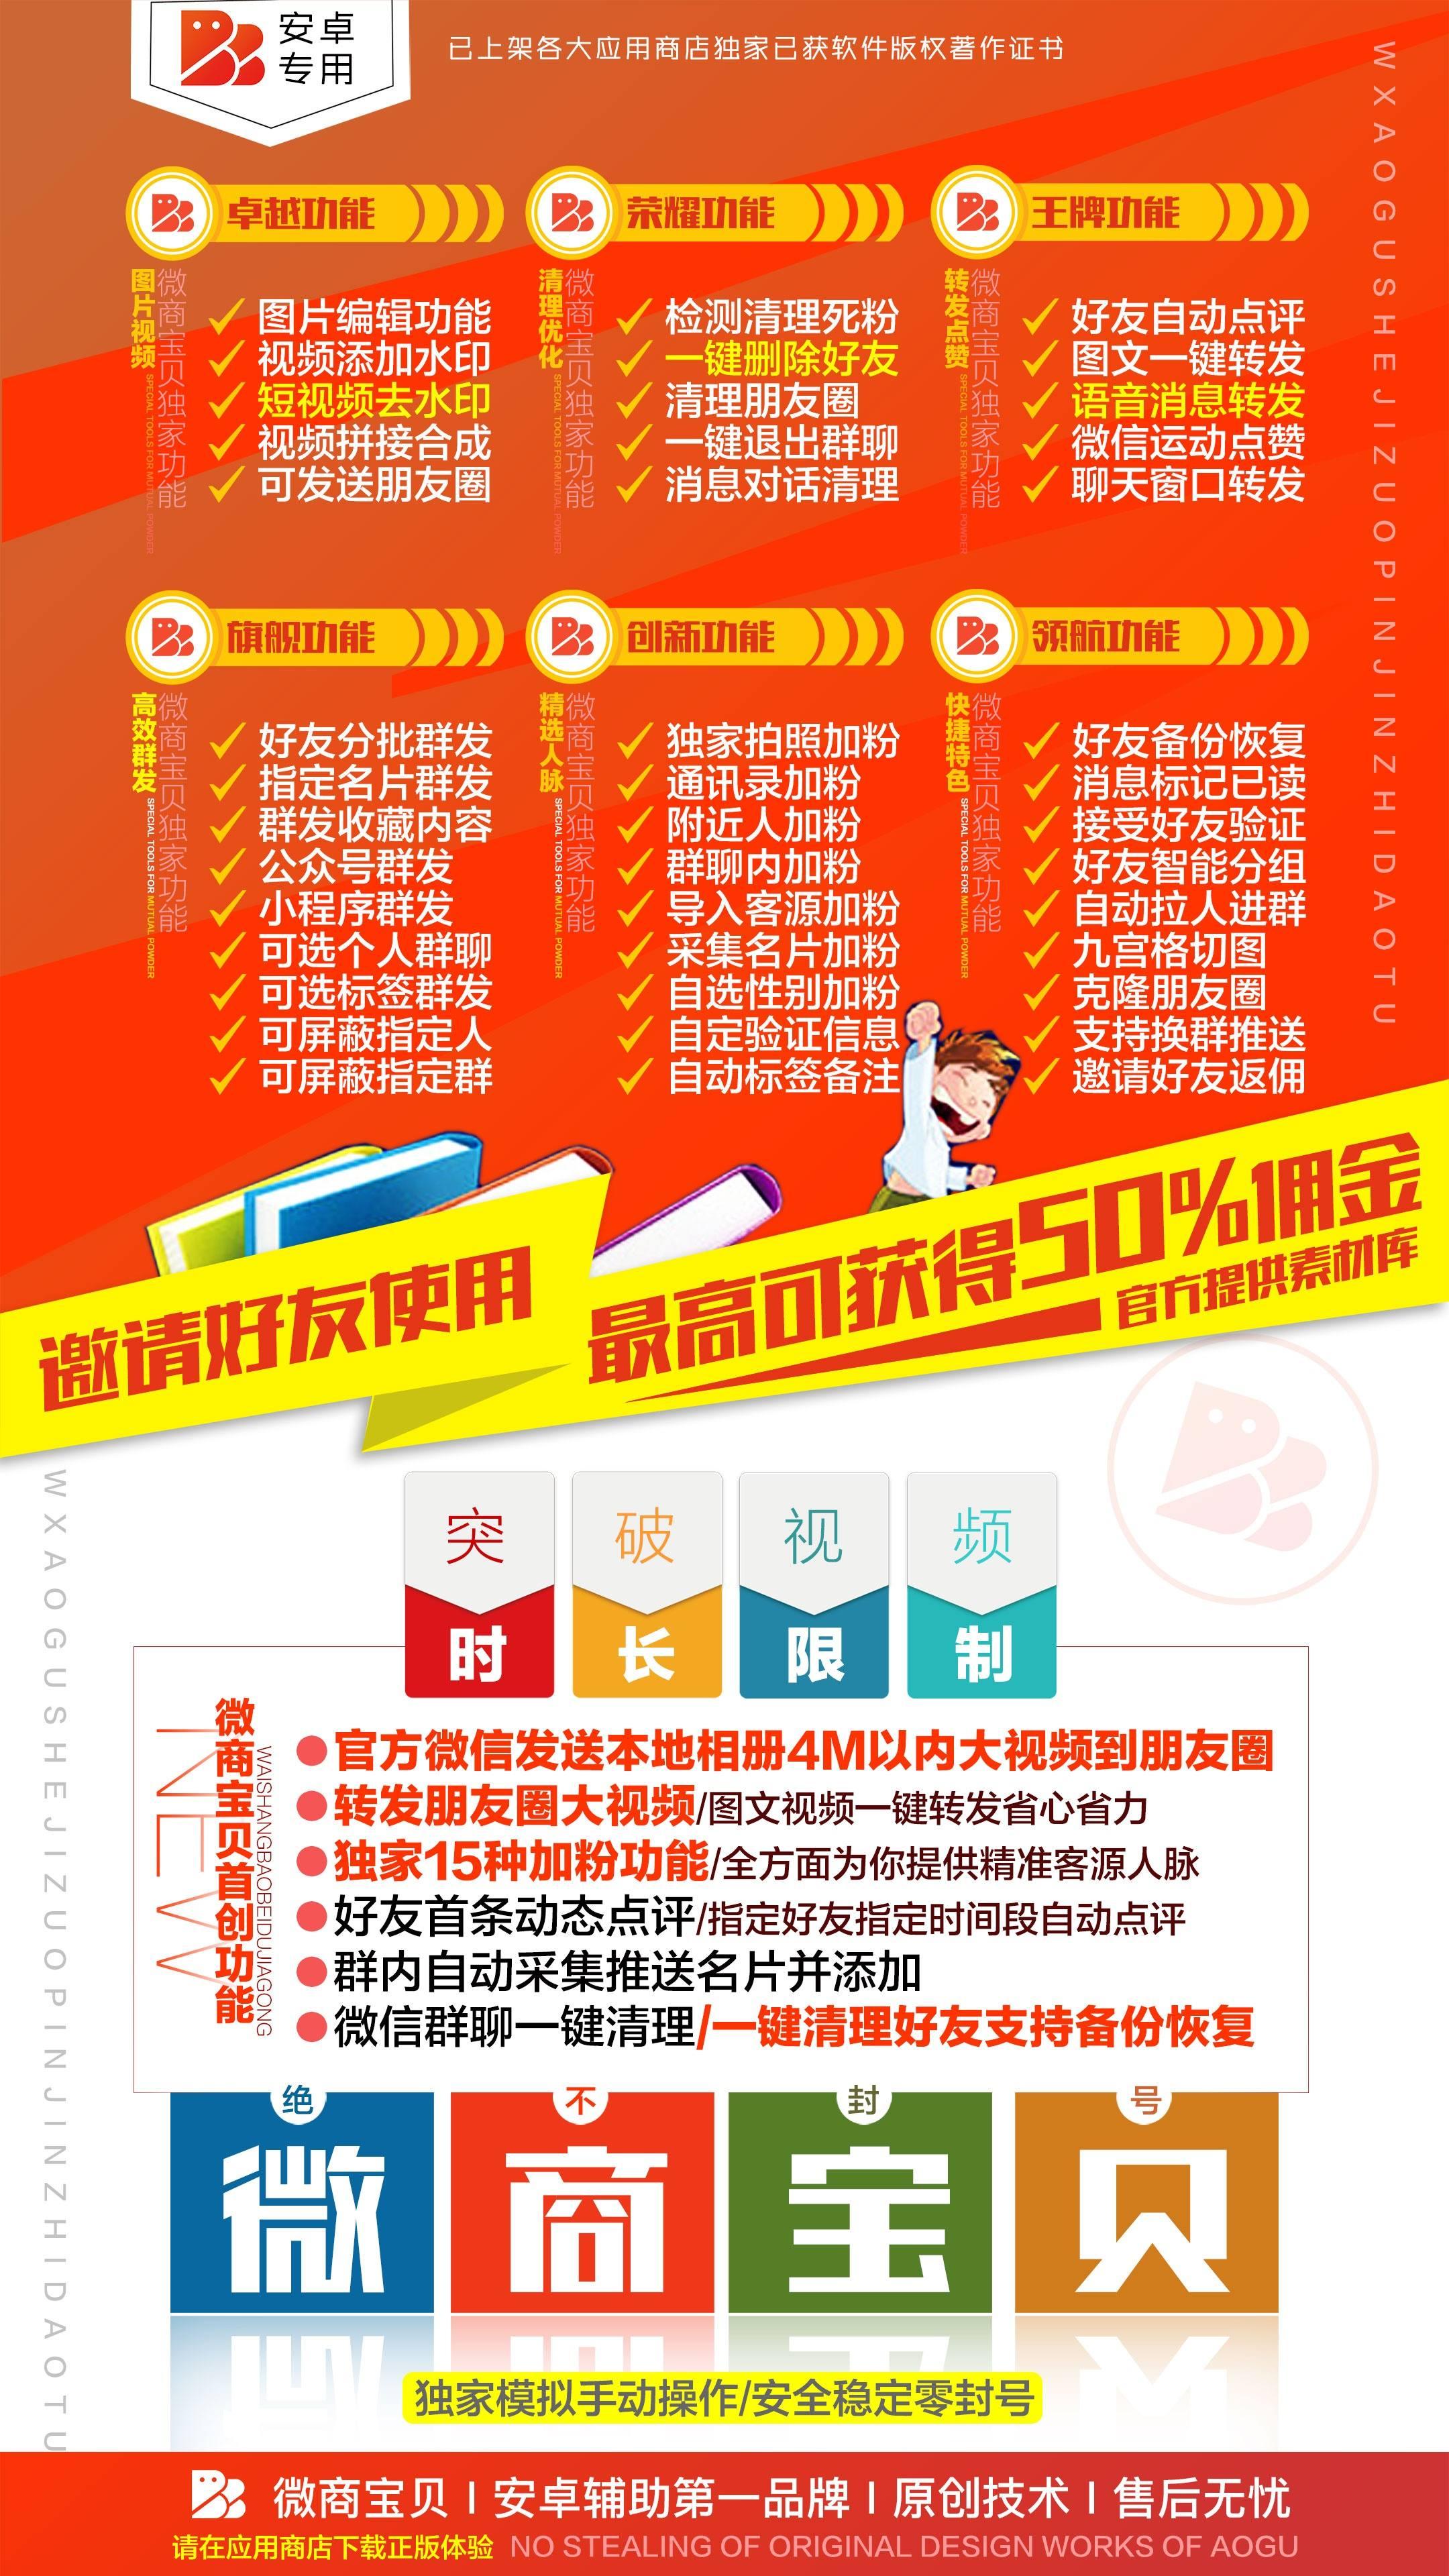 【安卓微商宝贝官网】官方微信一键转发爆粉软件官网授权